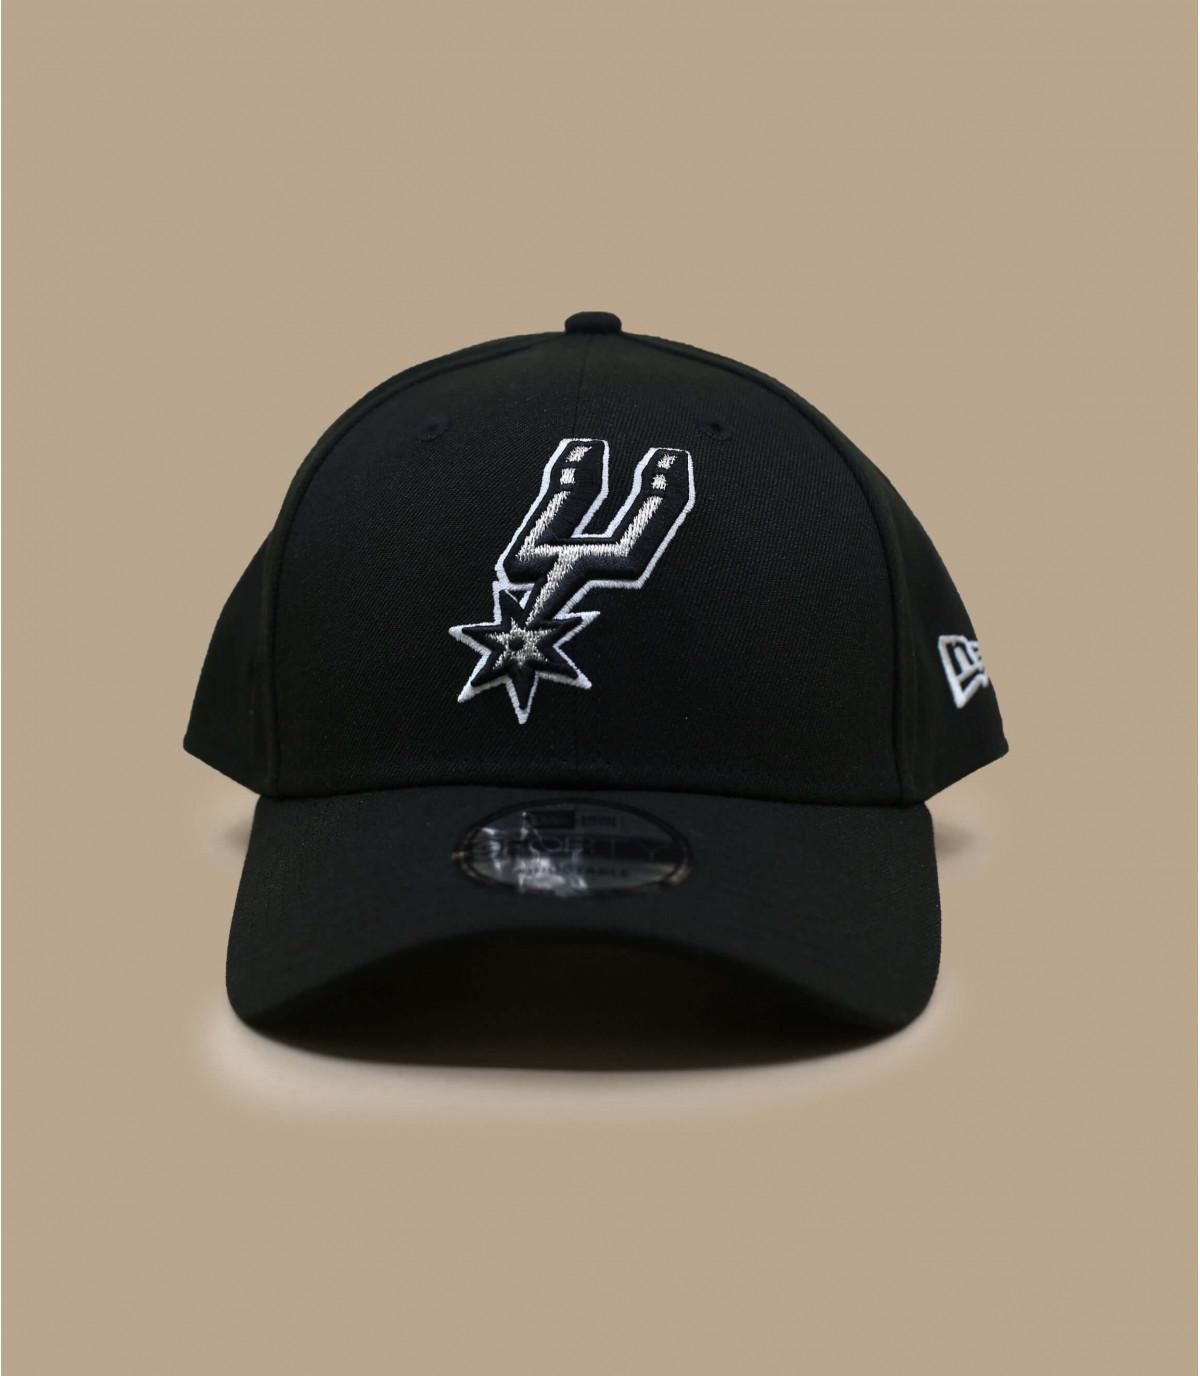 Spurs NBA cappuccio nero